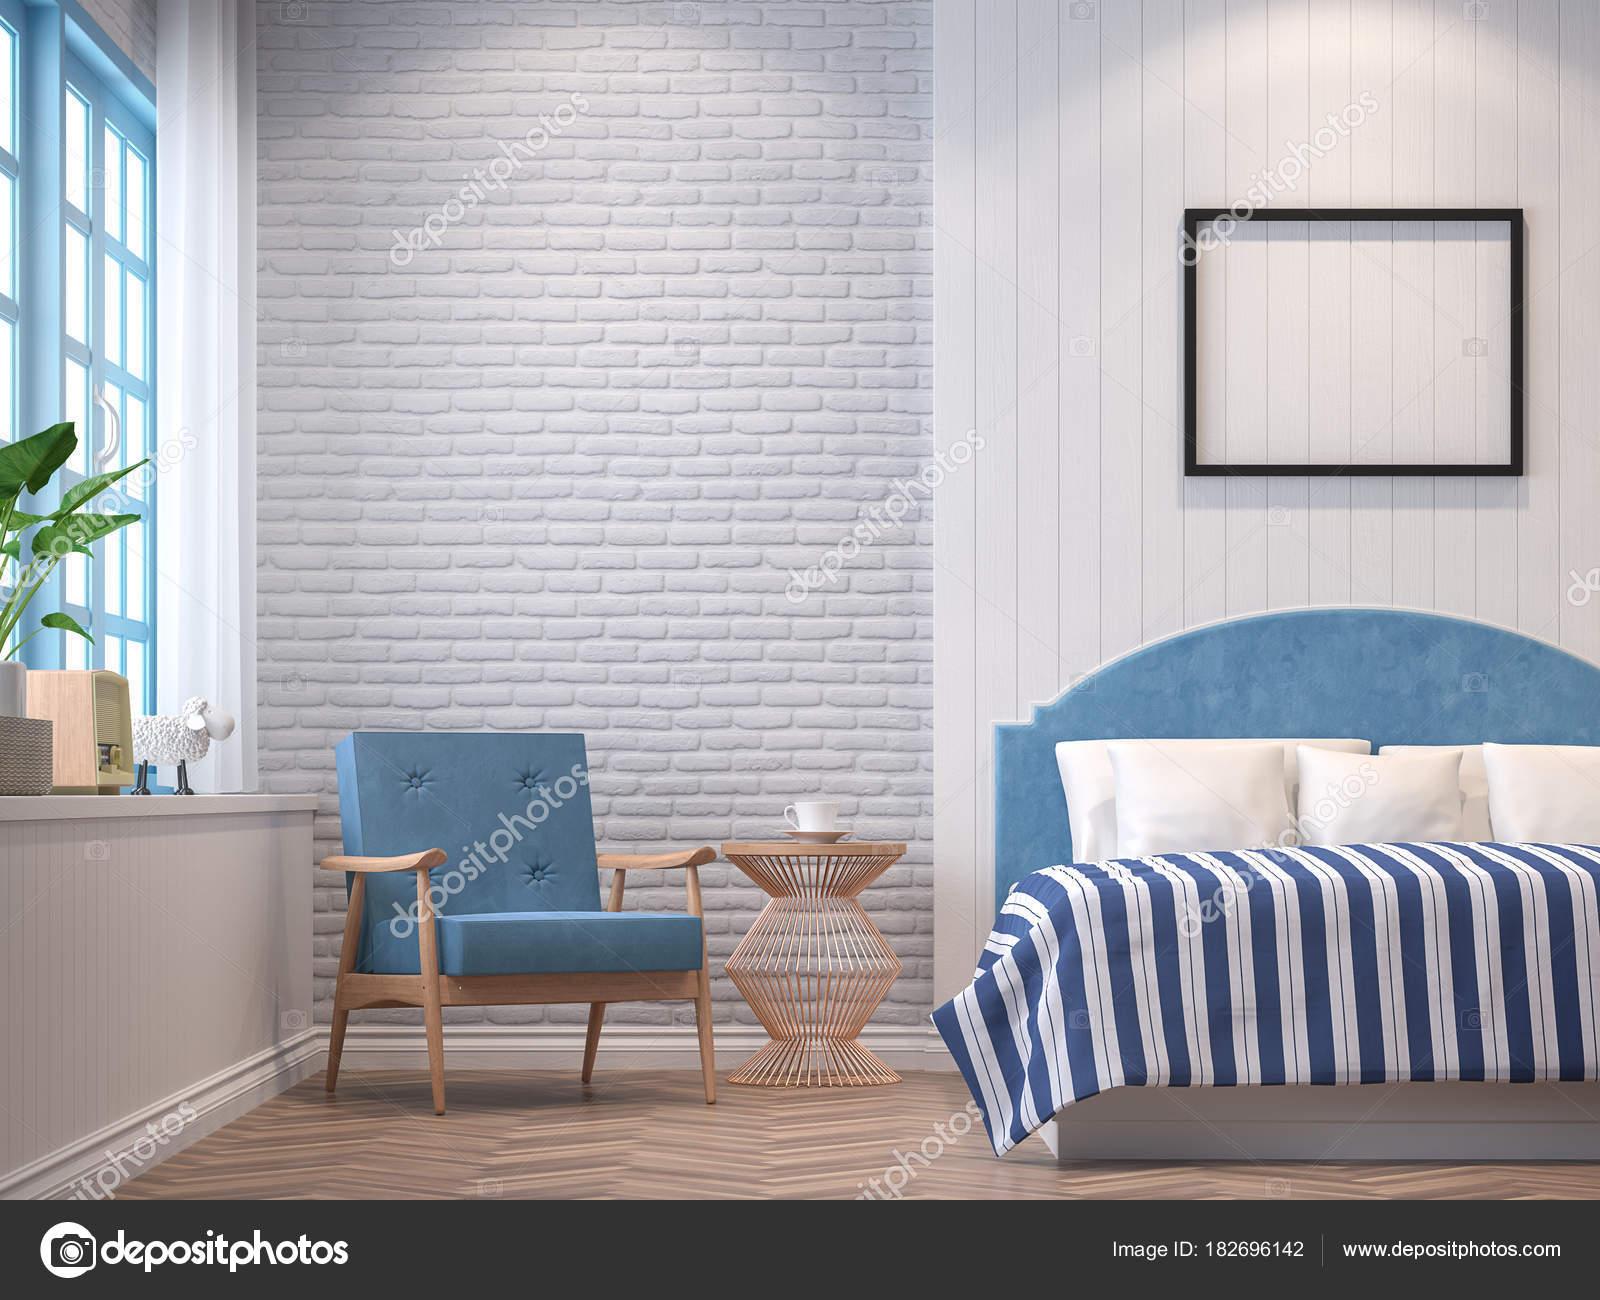 Slaapkamer Vintage Blue : Vintage slaapkamer met blauwe meubels rendering beeld kamers hebben